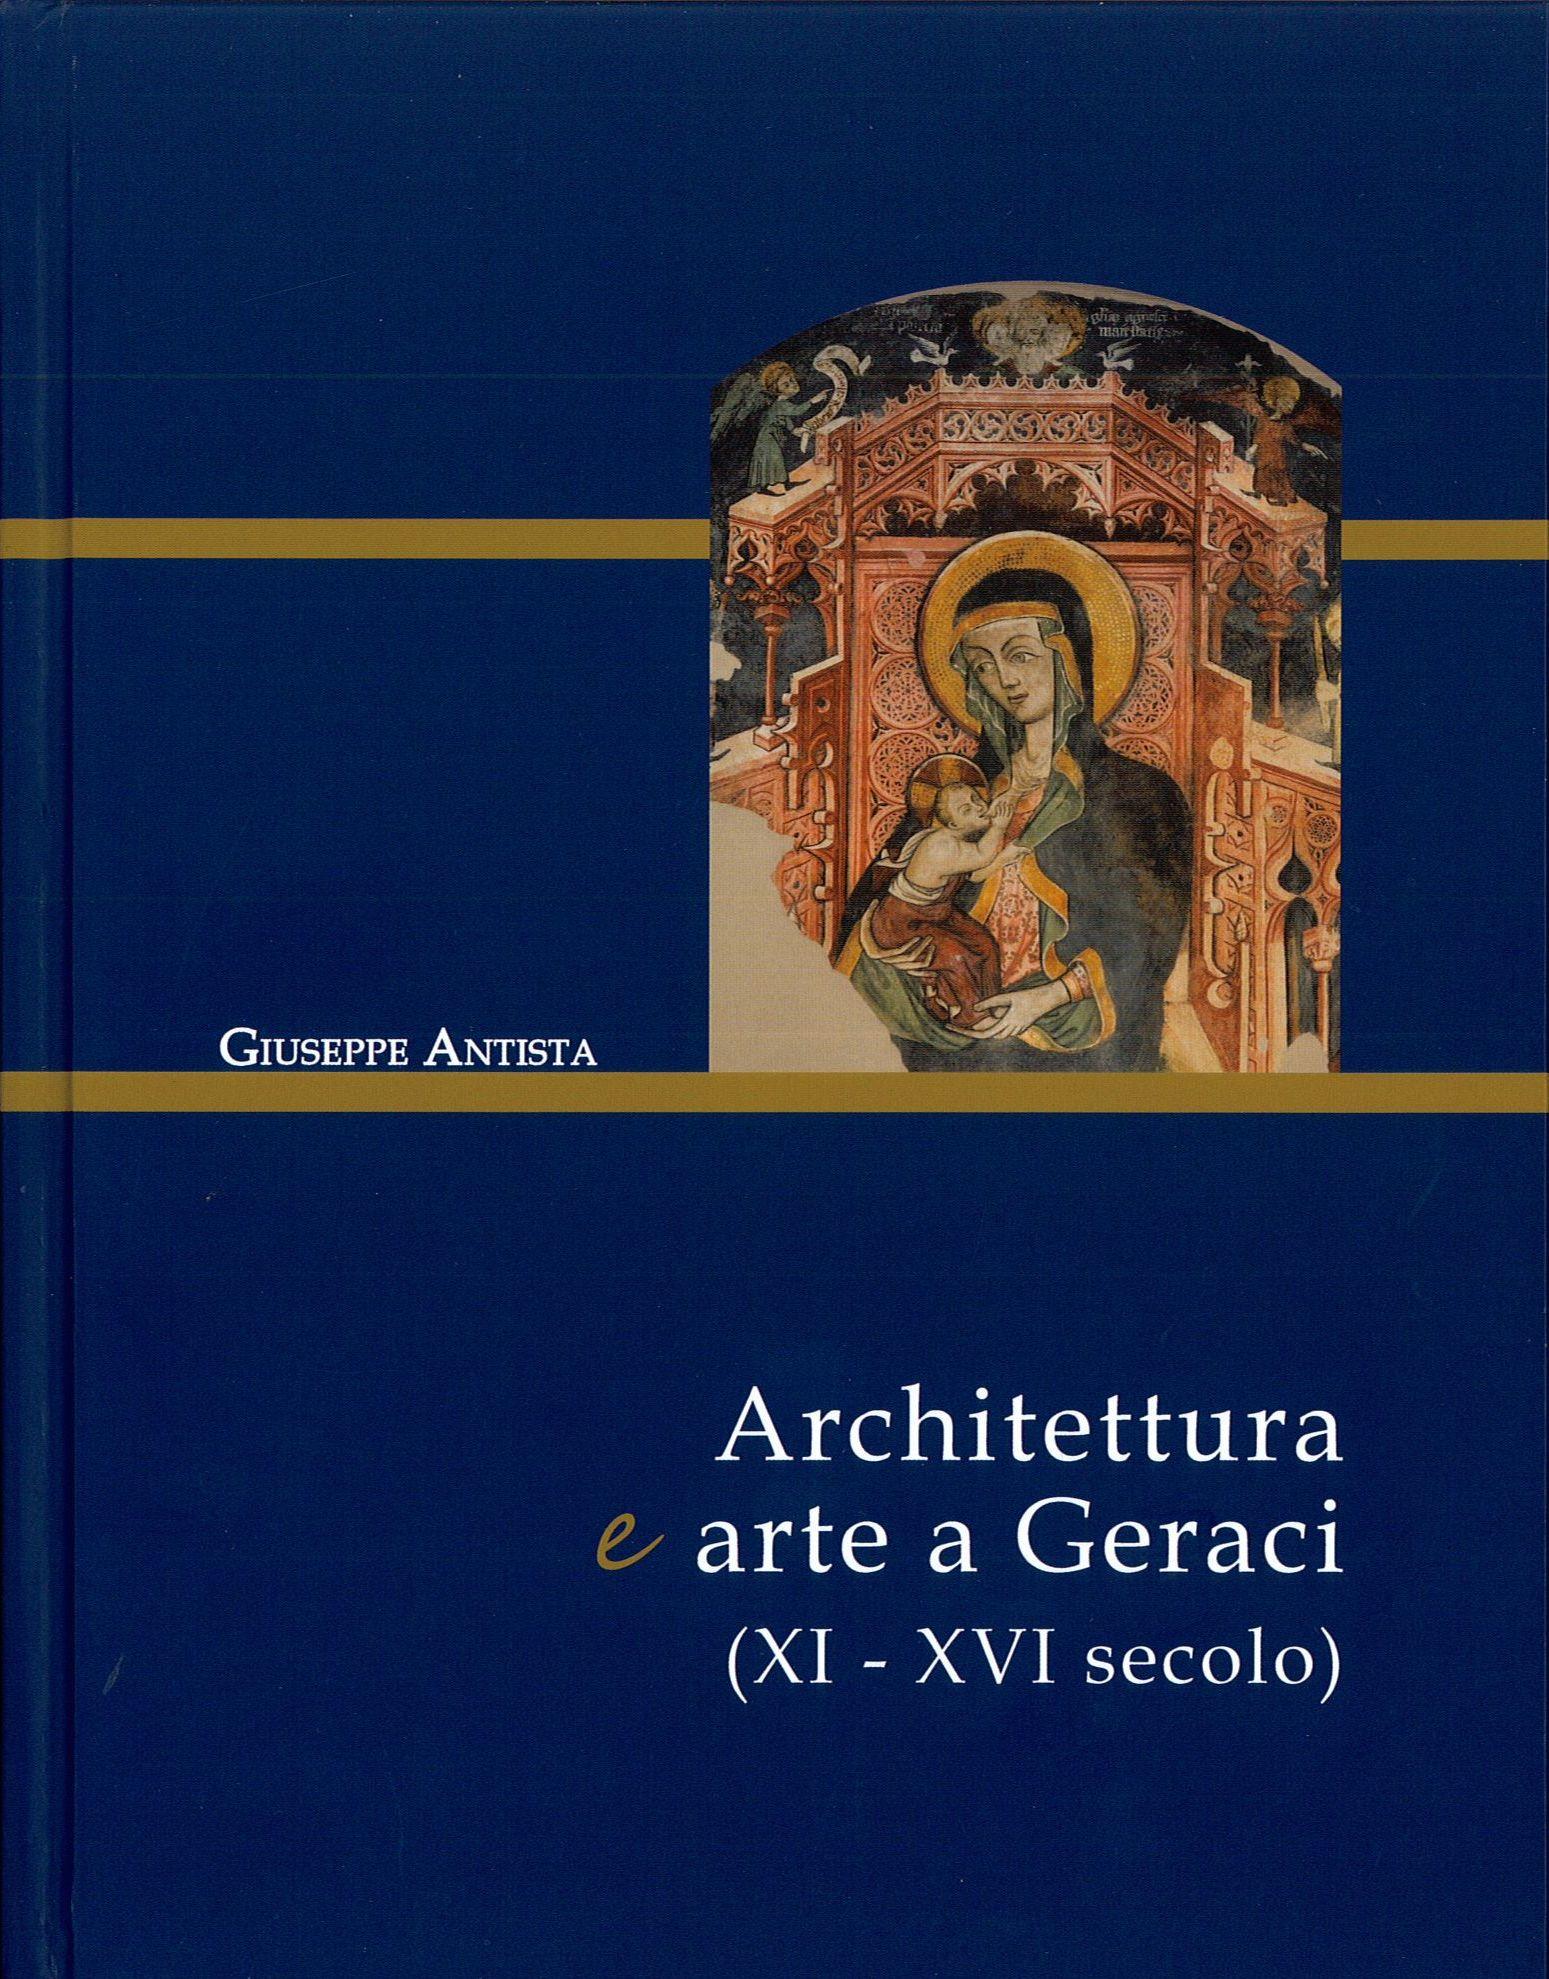 Architettura e arte a Geraci